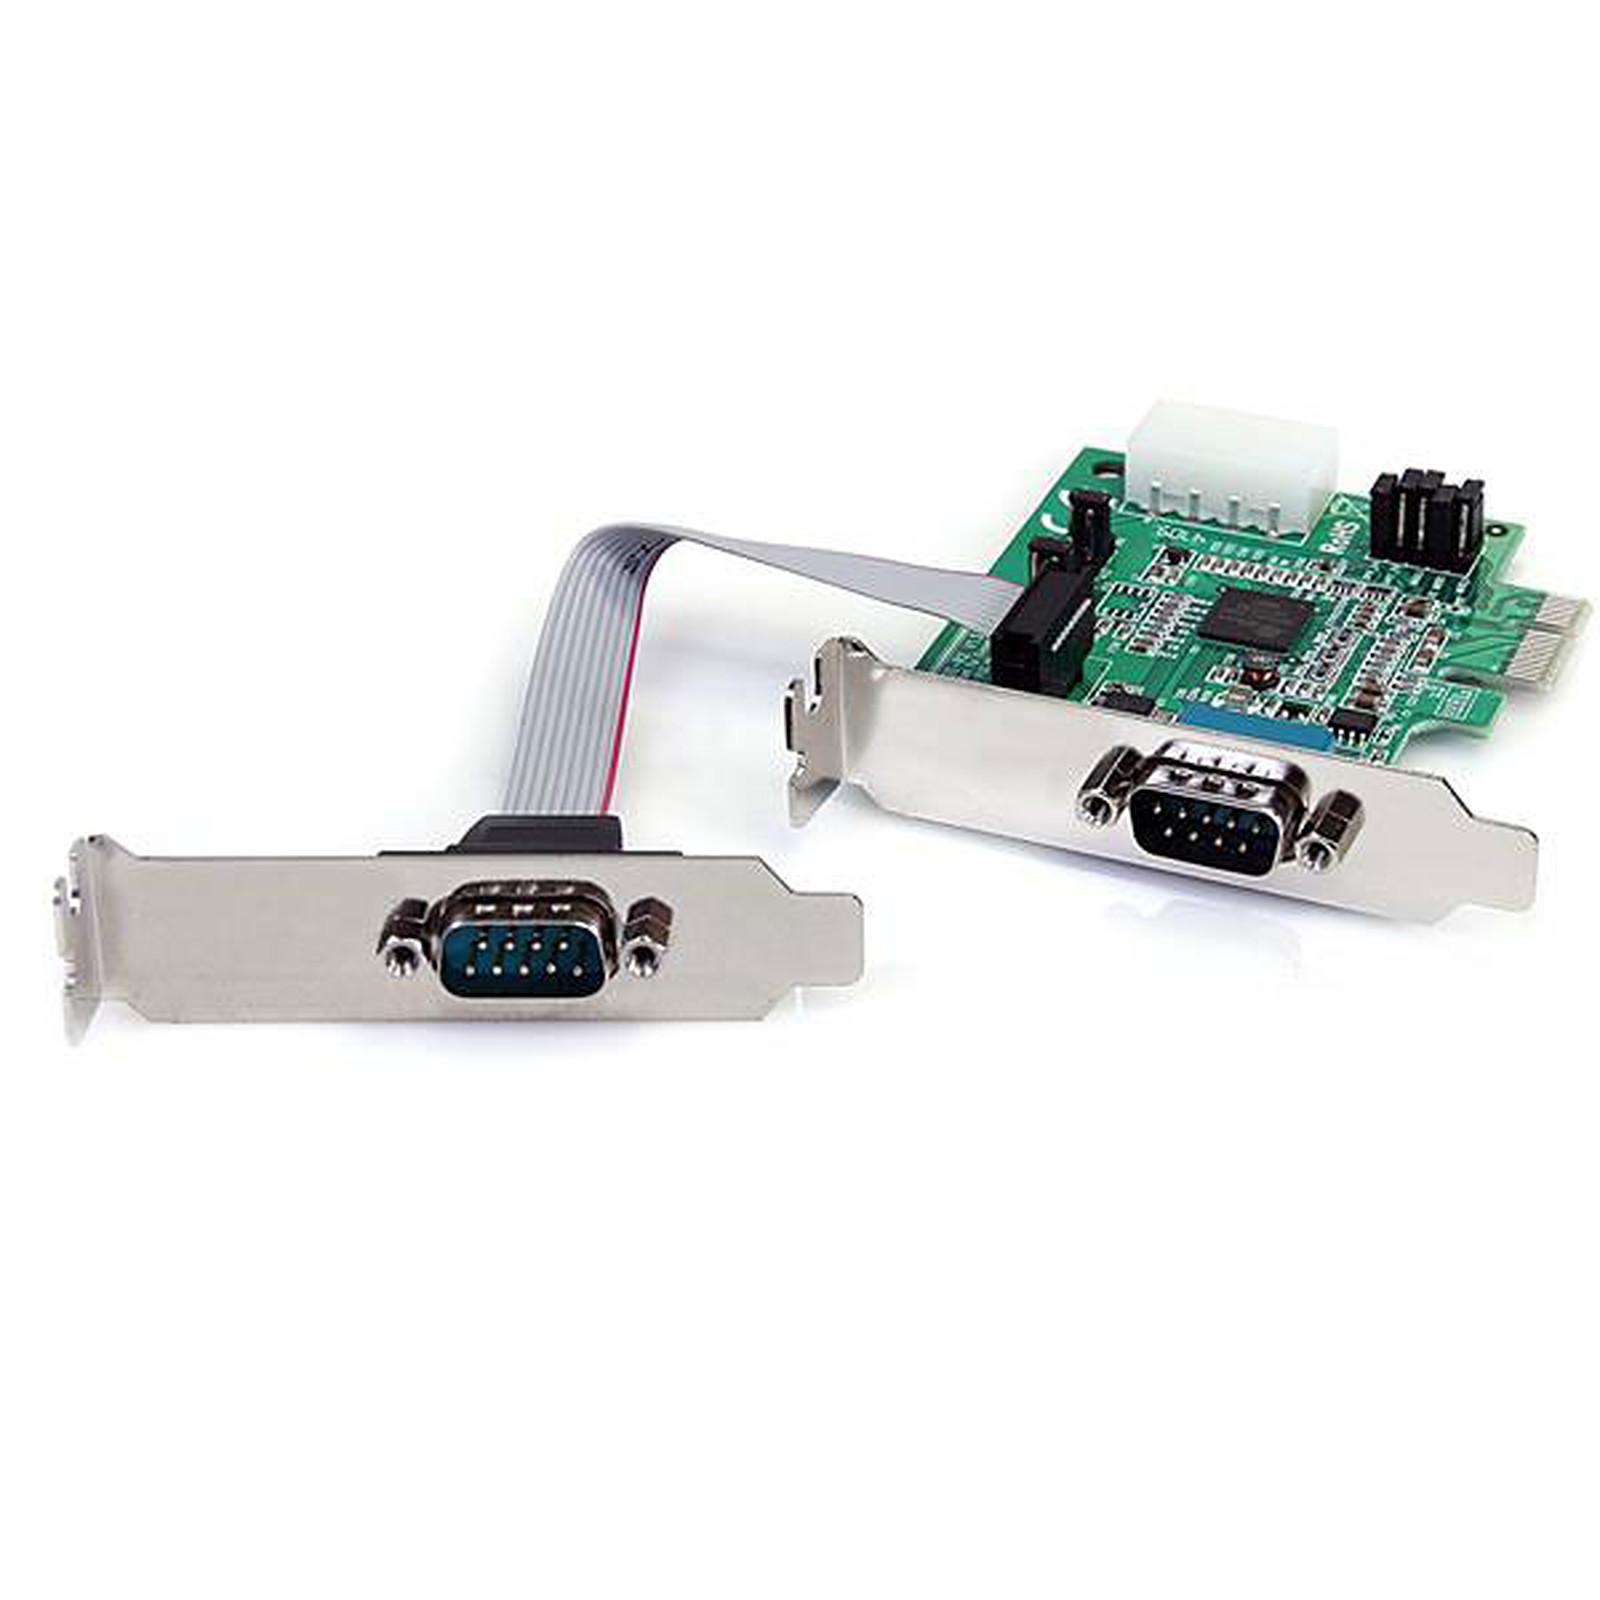 StarTech.com PEX2S952LP